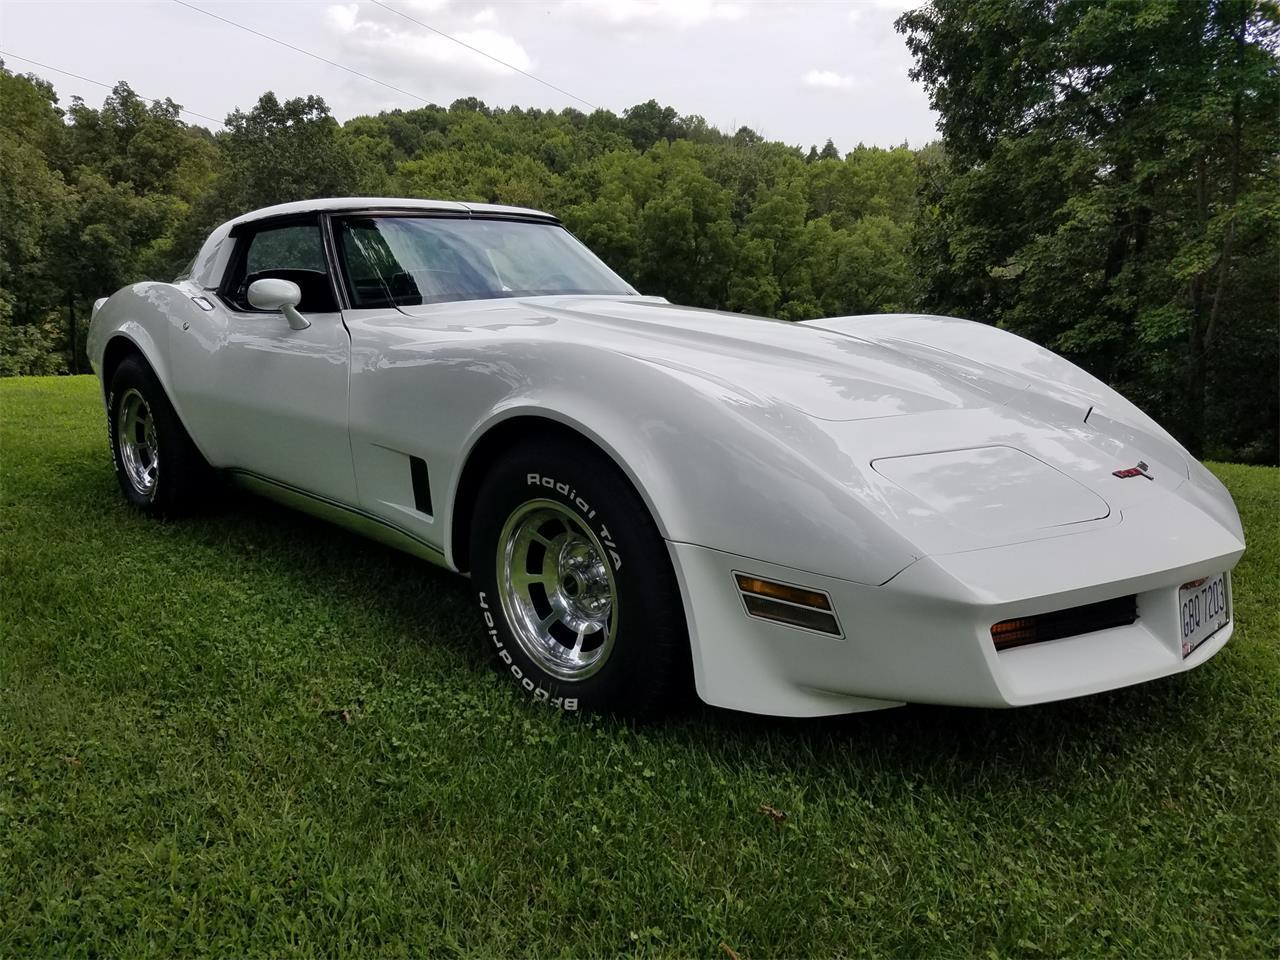 1980 Corvette For Sale >> 1980 Chevrolet Corvette For Sale In Cambridge Oh